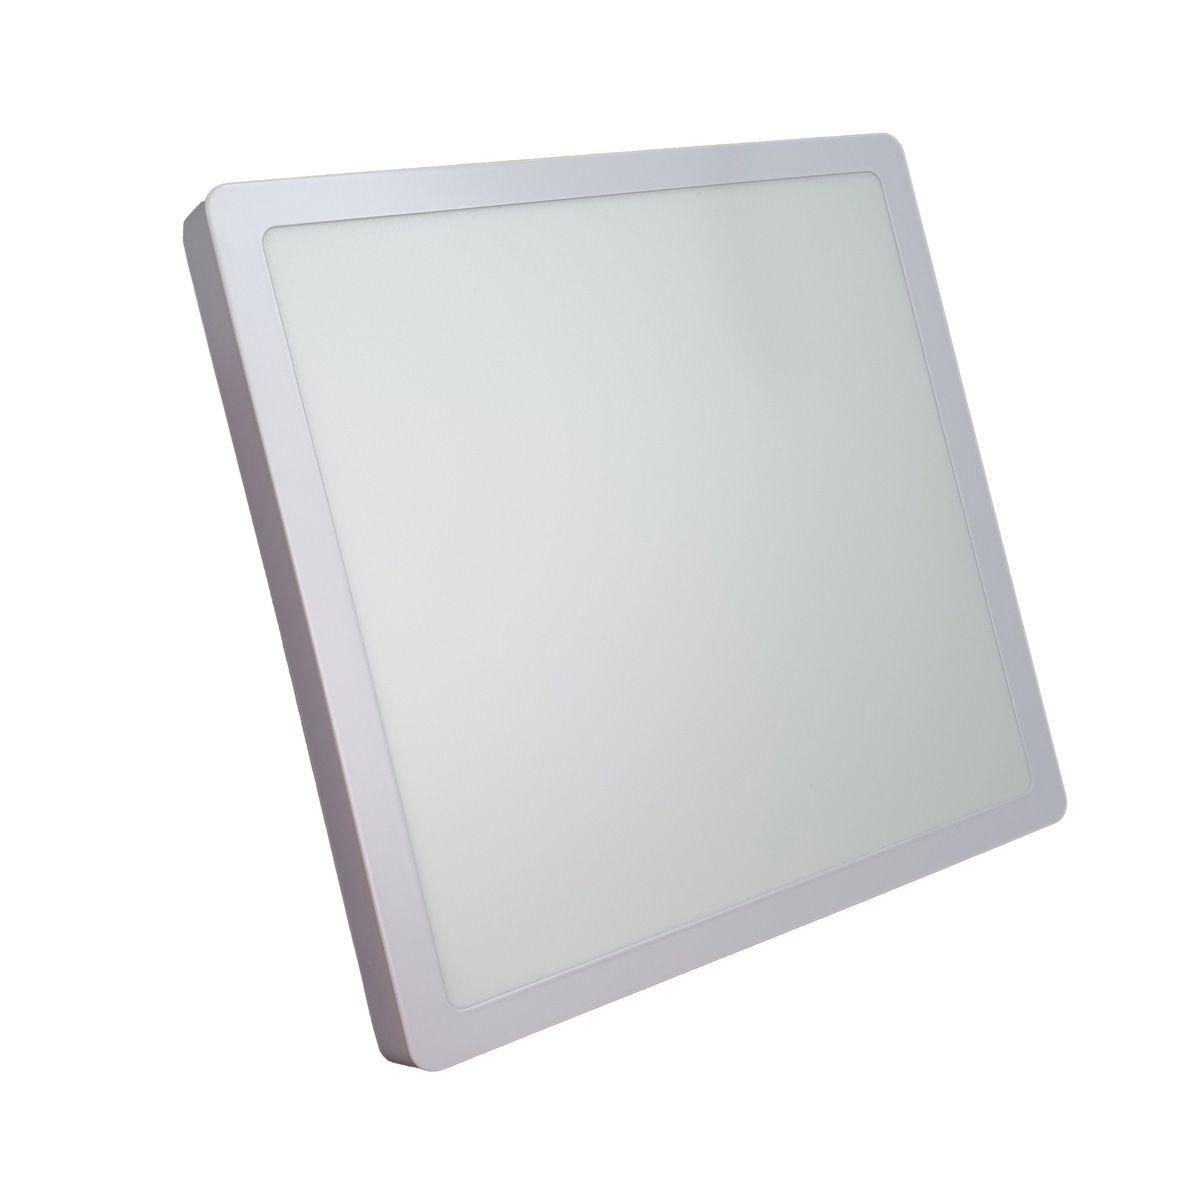 Luminária de LED sobrepor 24w Quadrada Luz Fria 6500K de Teto